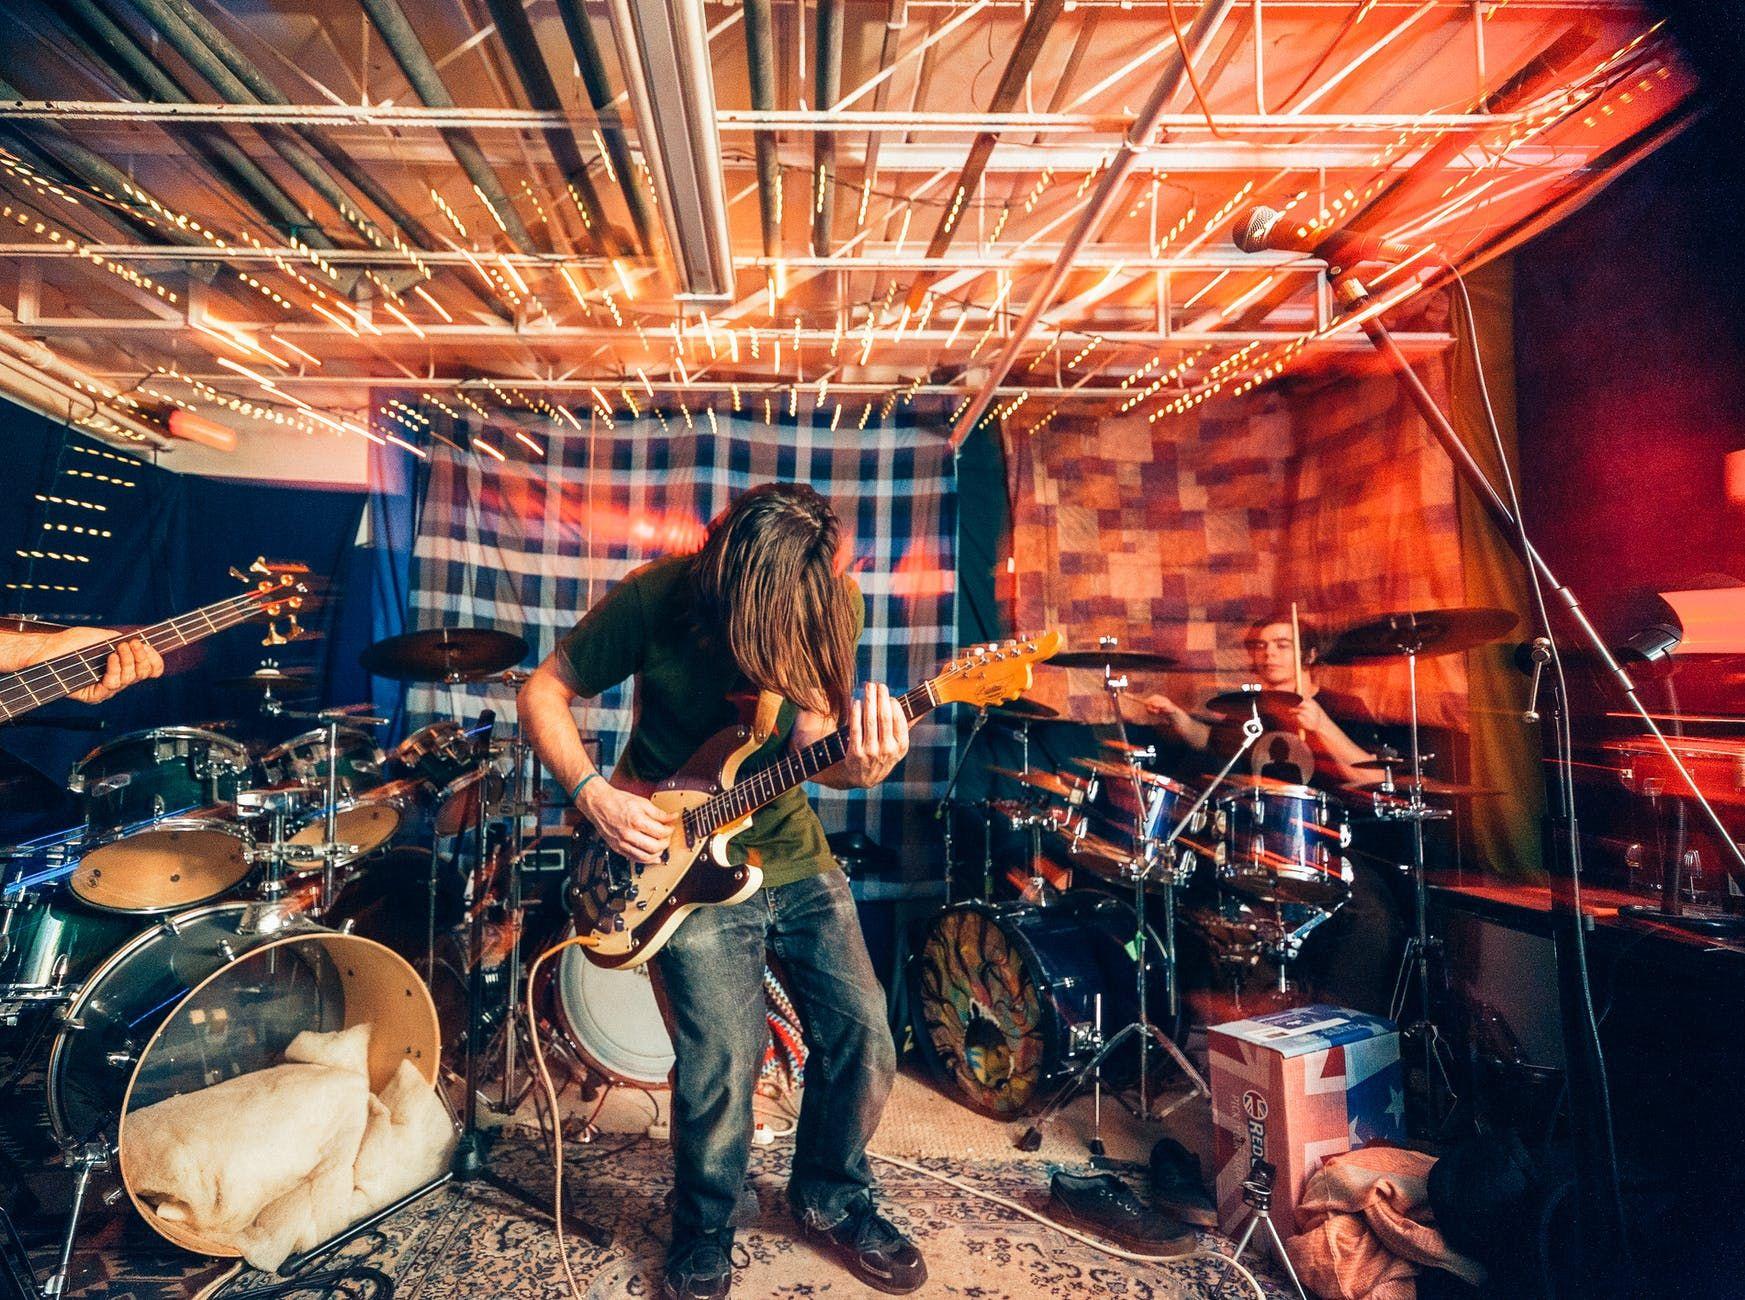 Banda de rock ensaiando em um home studio